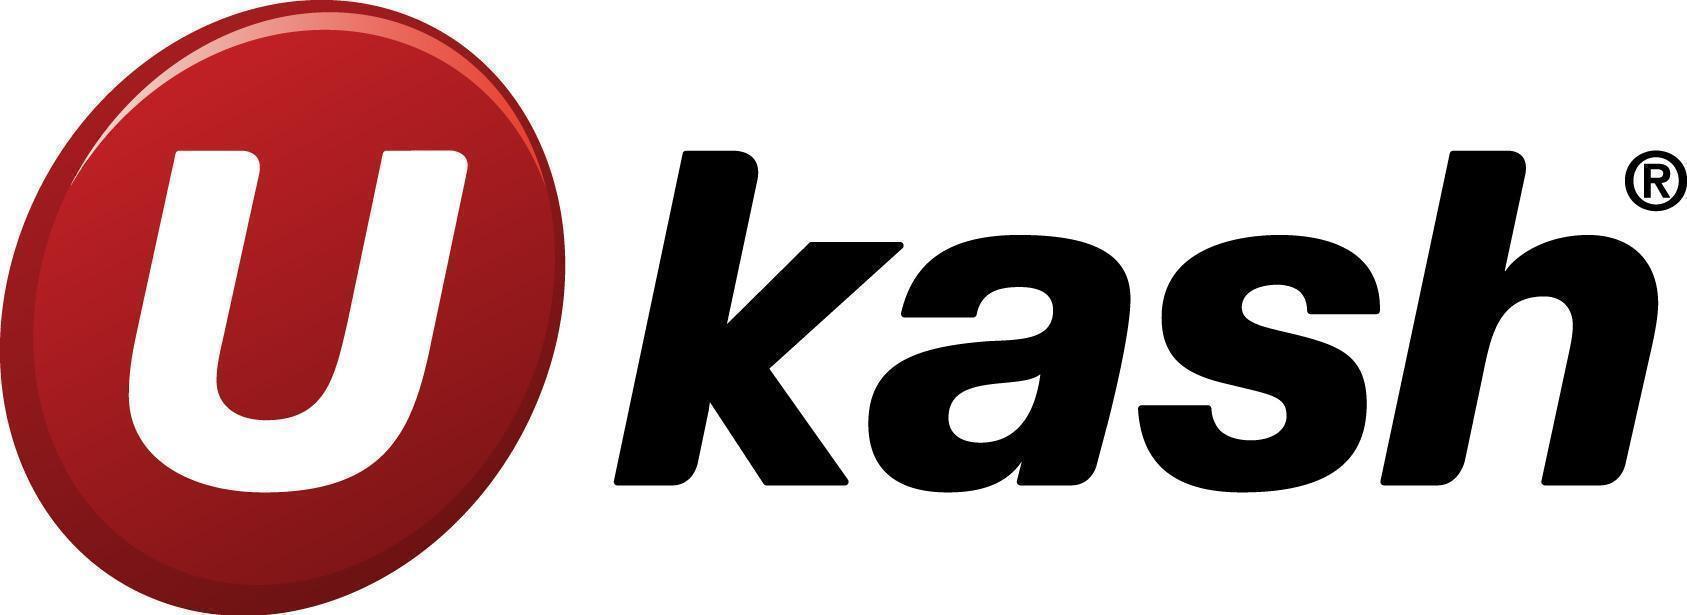 Image result for ukash logo